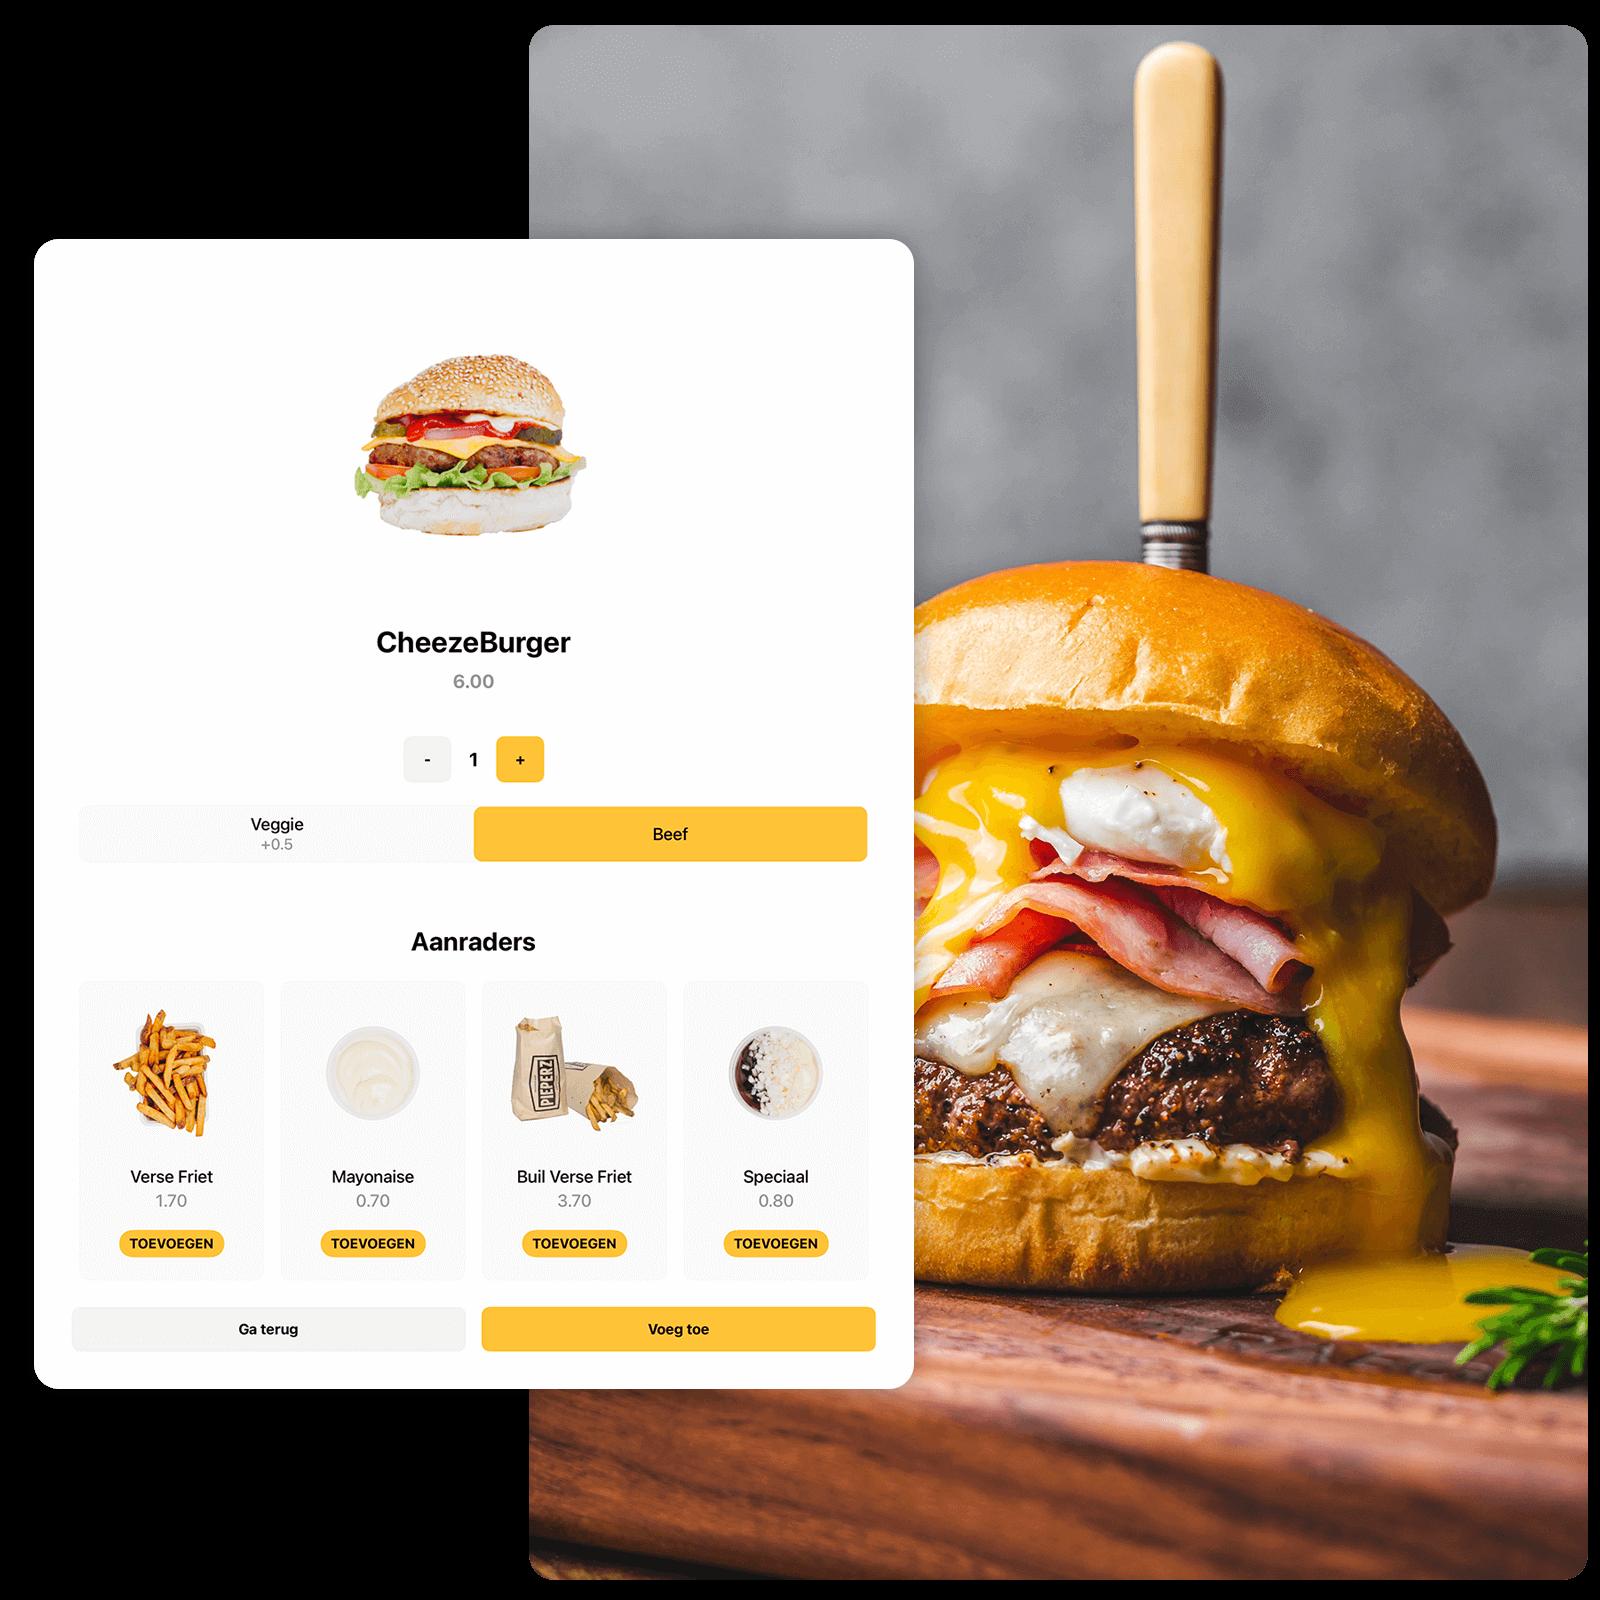 Foto van het menu binnen Kiosk en een cheeseburger ernaast. Dit gebeurt in het menu van Kwalitaria.